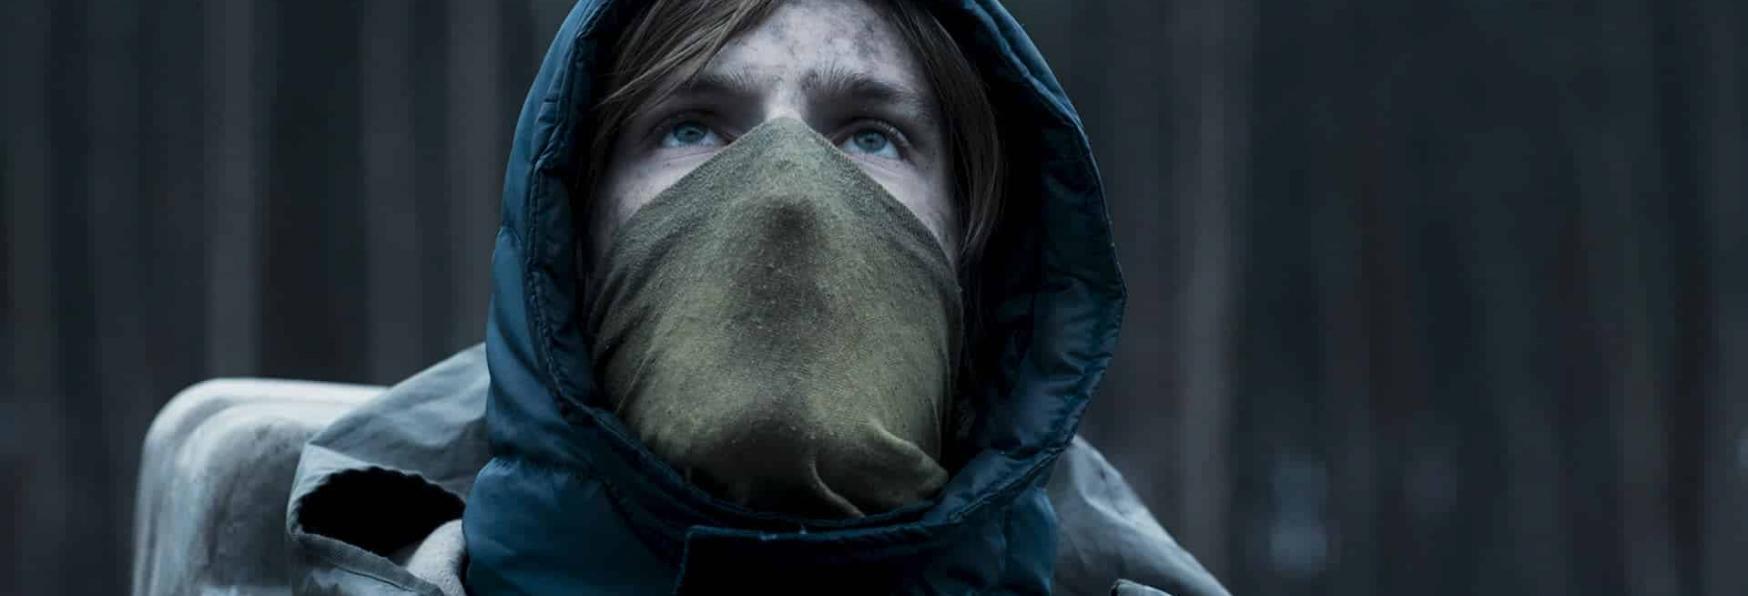 Dark 3: tutte le Informazioni Note sull'attesissima Ultima Stagione della Serie TV targata Netflix